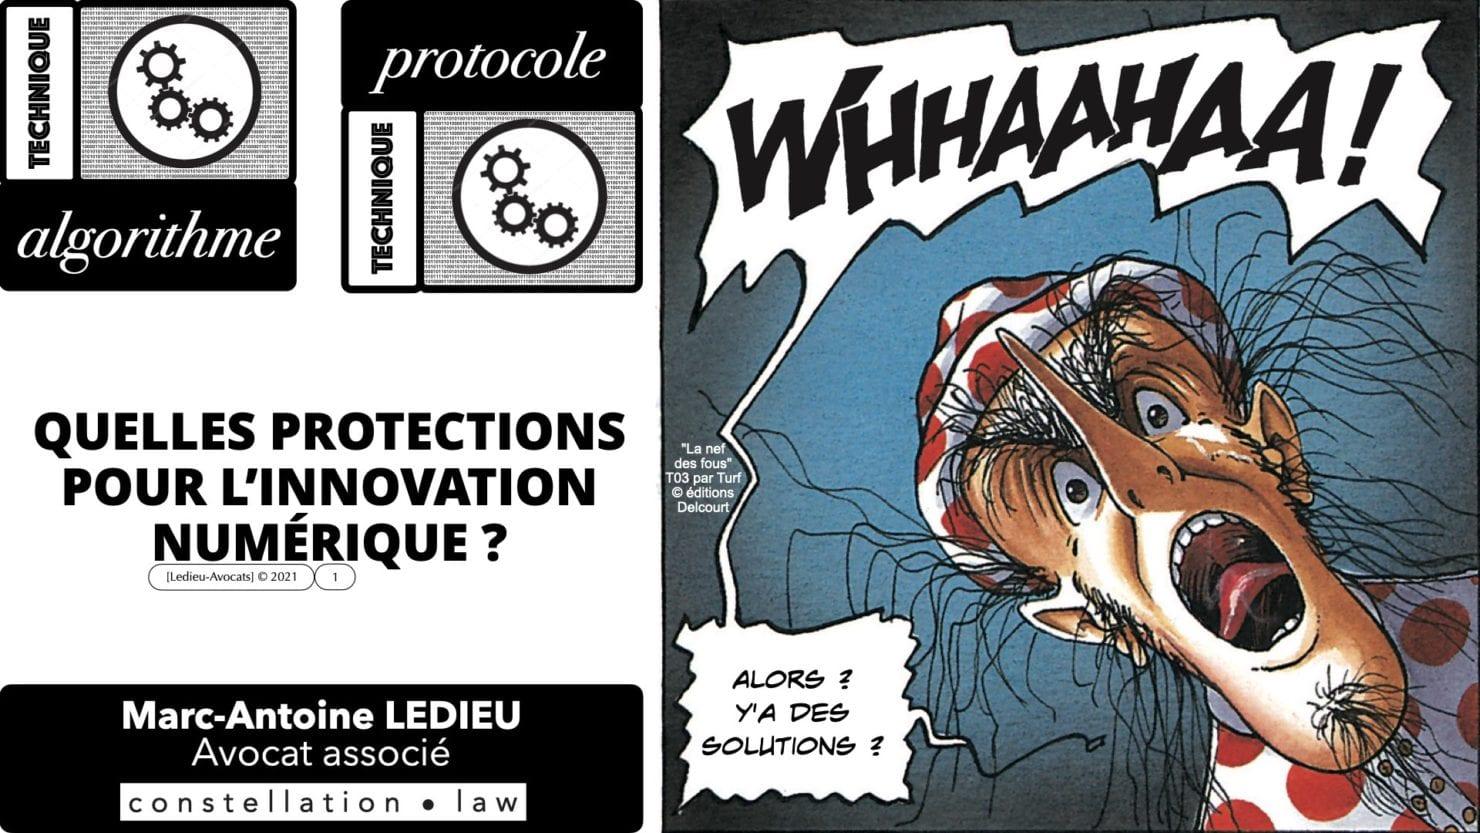 algorithme protocole : la protection de l'innovation numérique ?